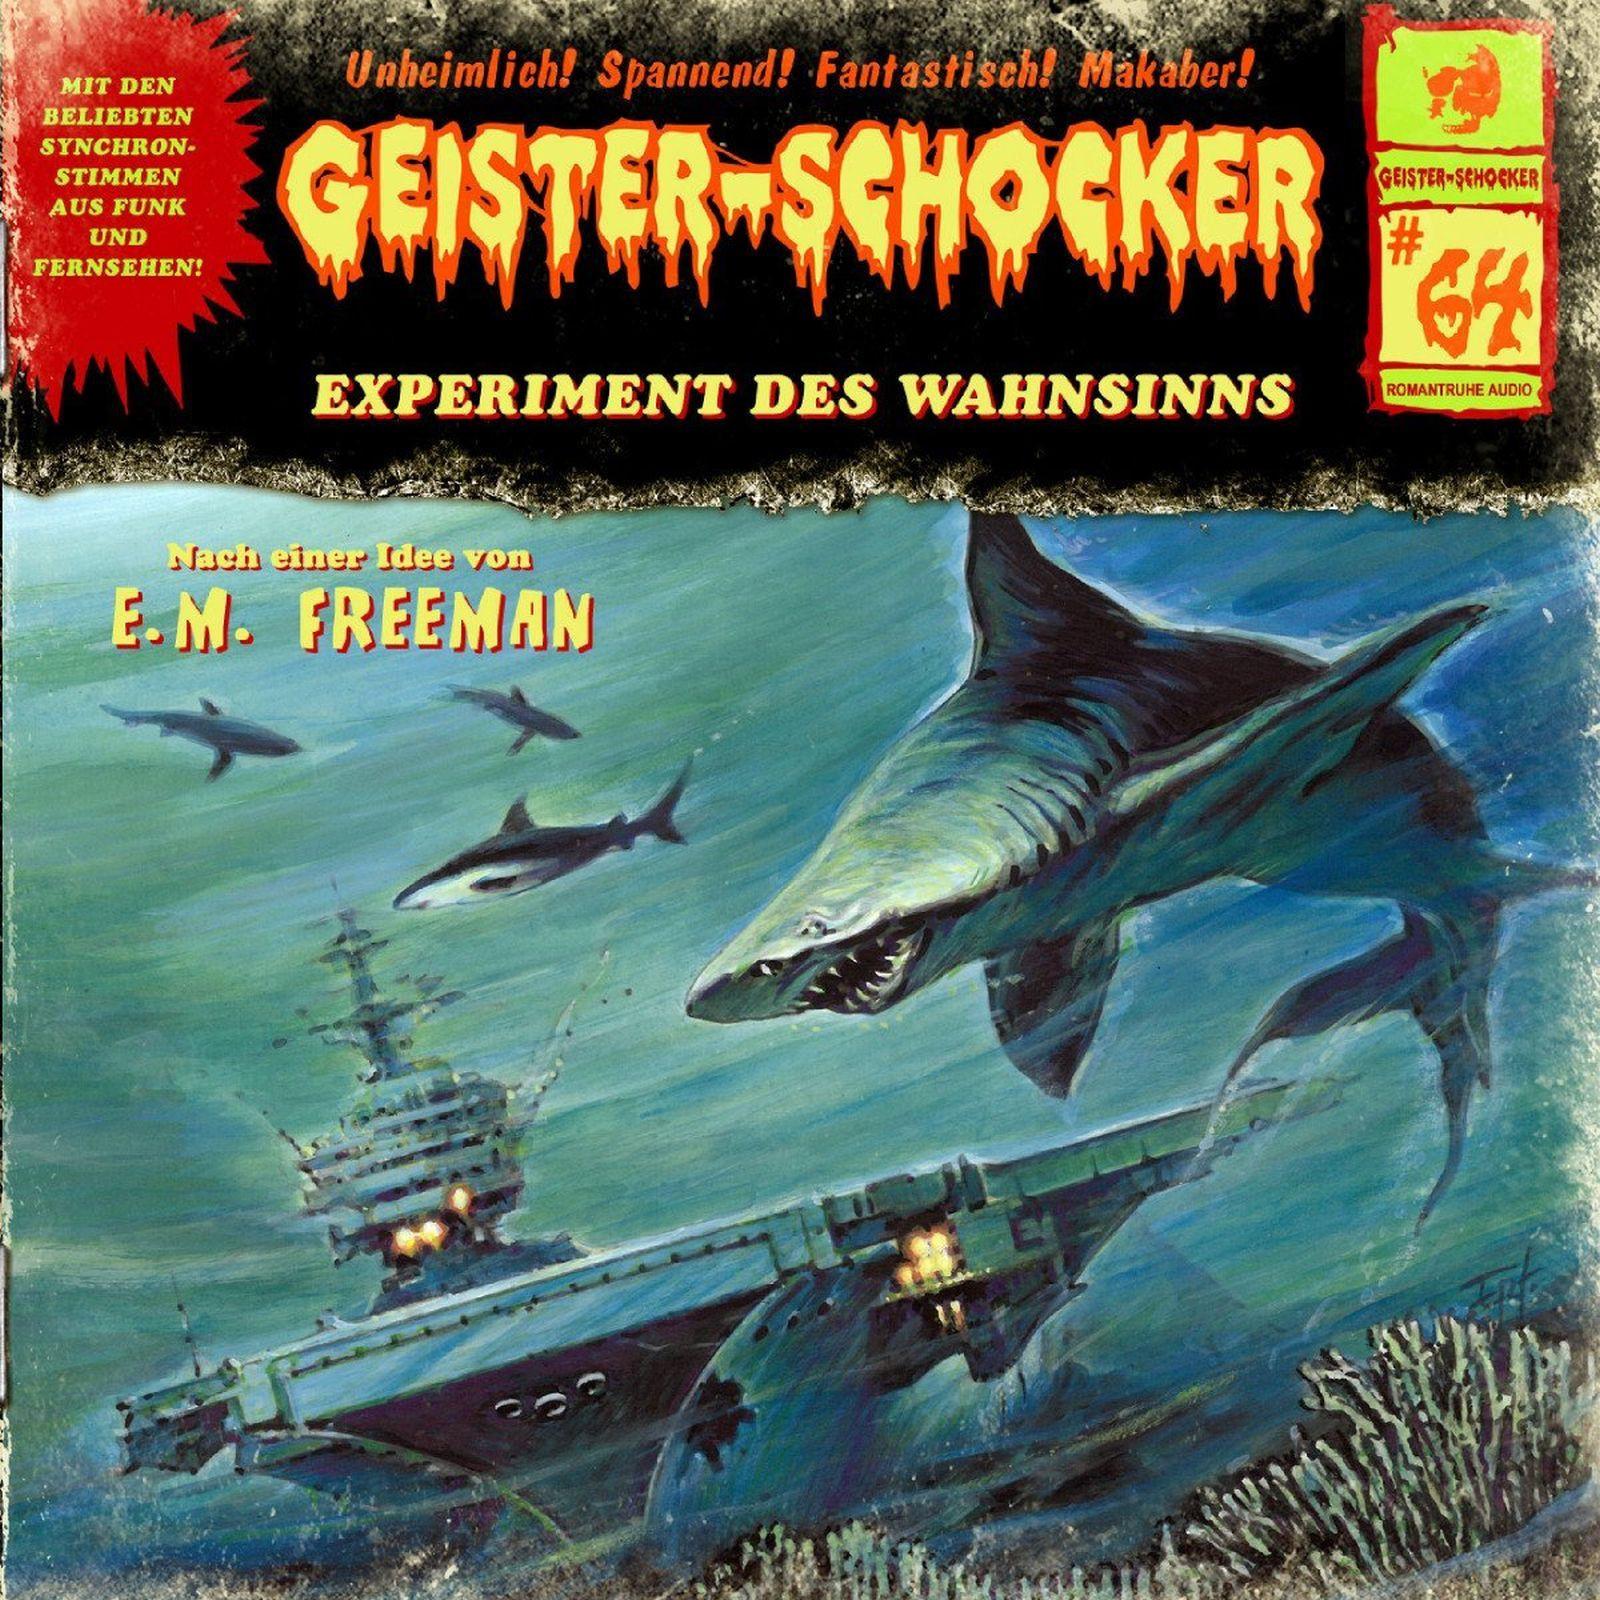 Geister-Schocker 64 Experiment des Wahnsinns